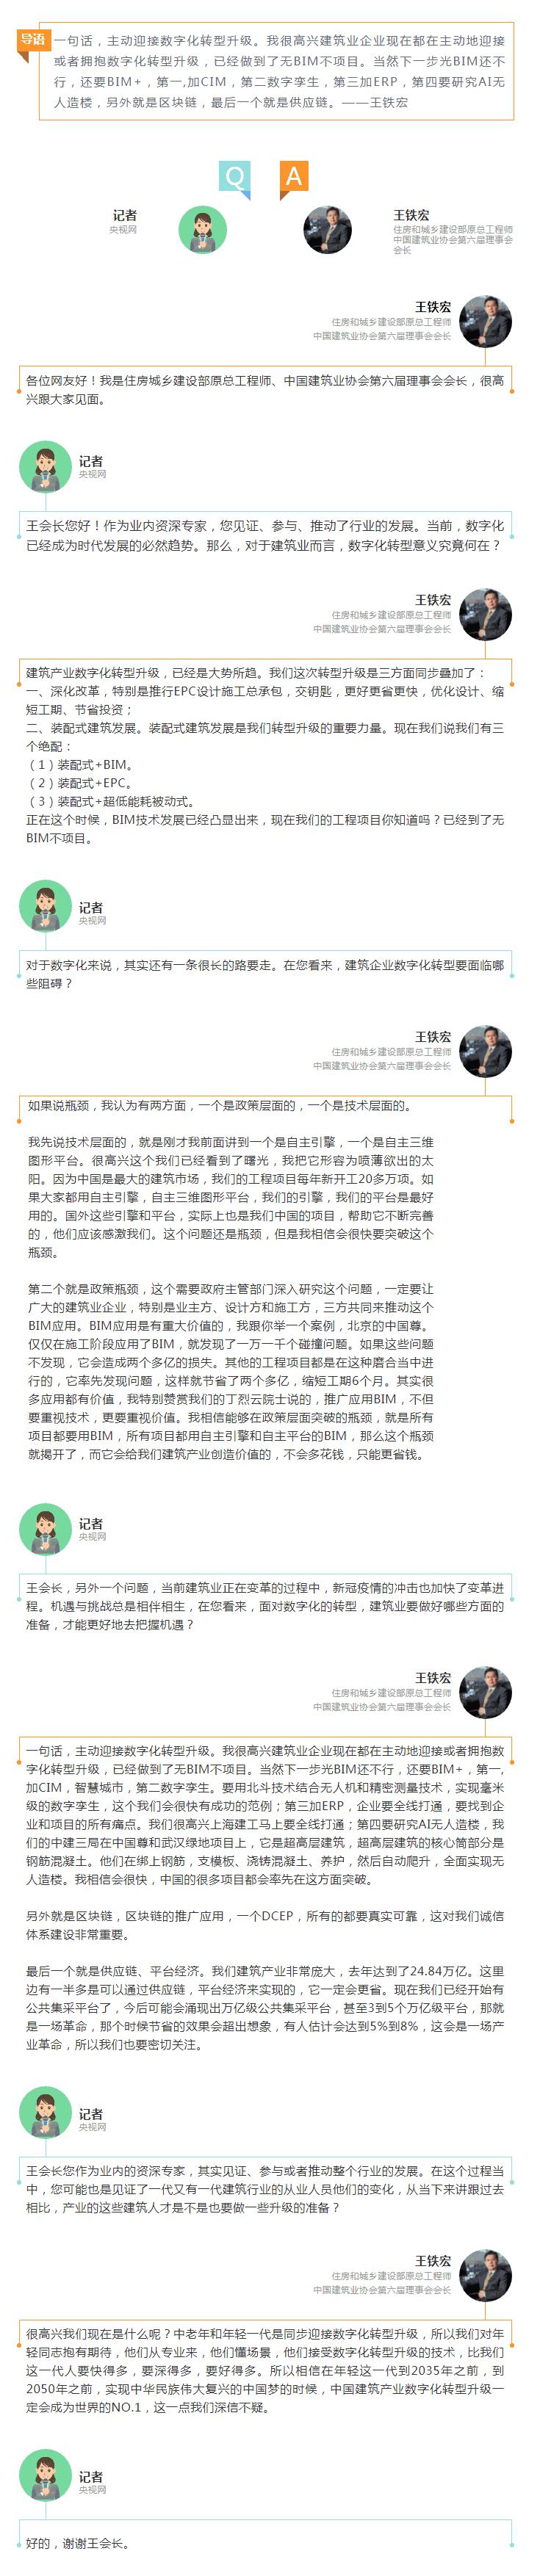 数字建筑会客厅 _ 王铁宏:建筑企业应主动迎接数字化转型升级.png